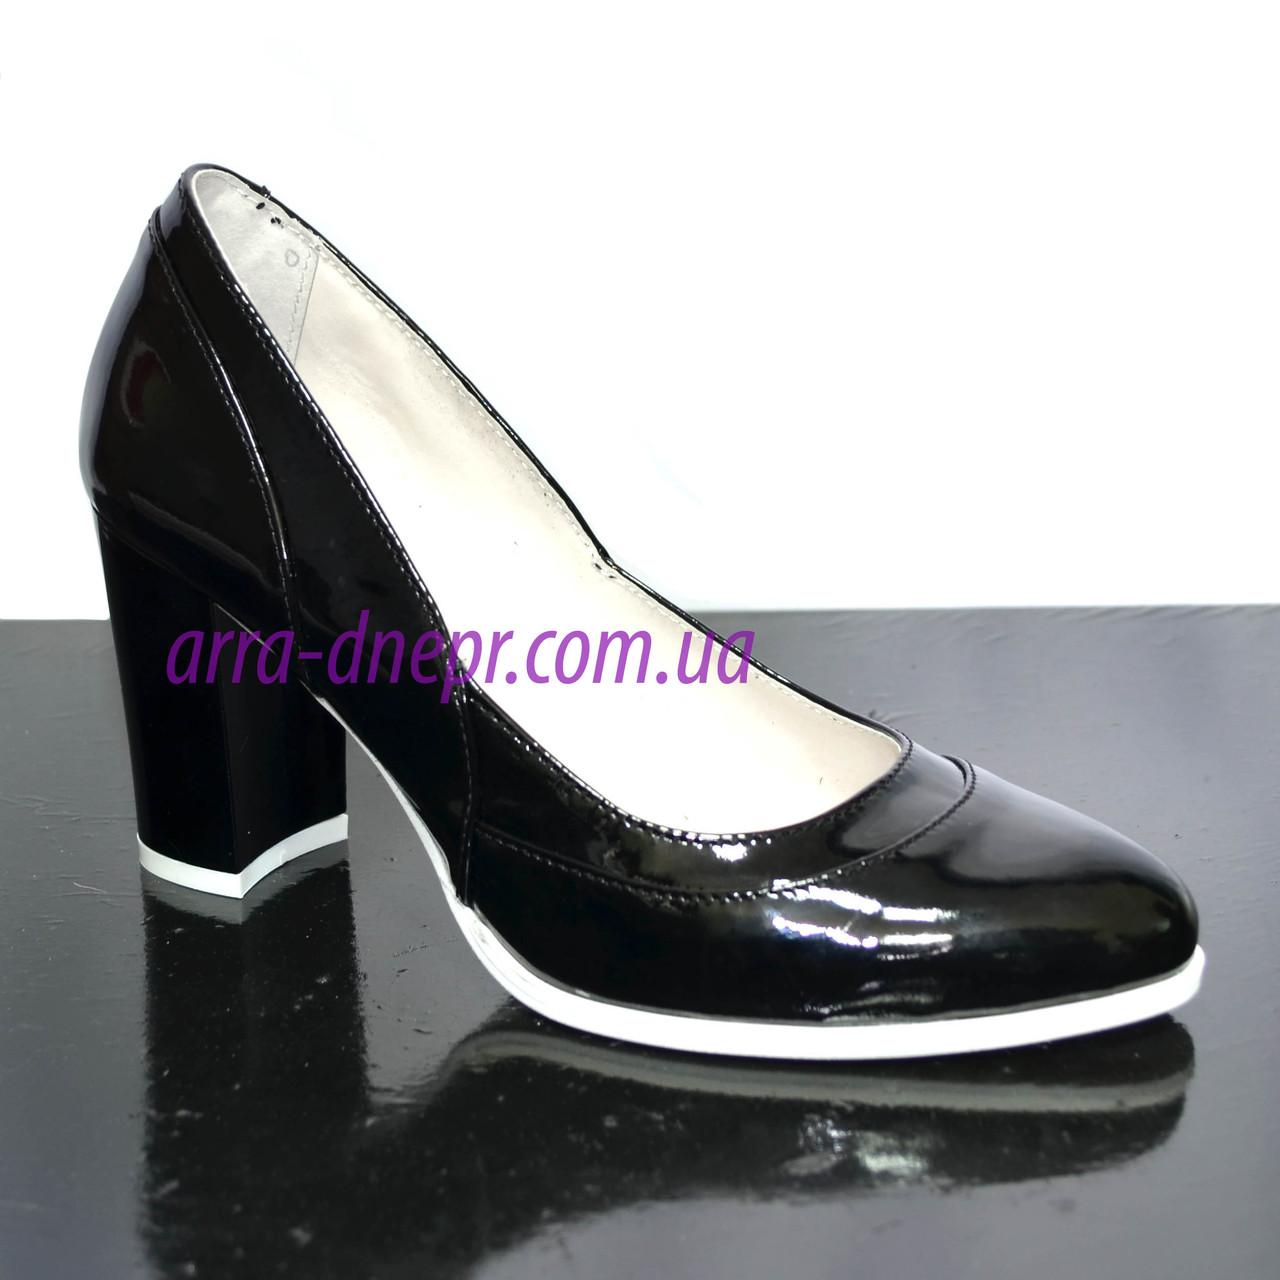 Женские черные туфли из натуральной лаковой кожи на высоком каблуке